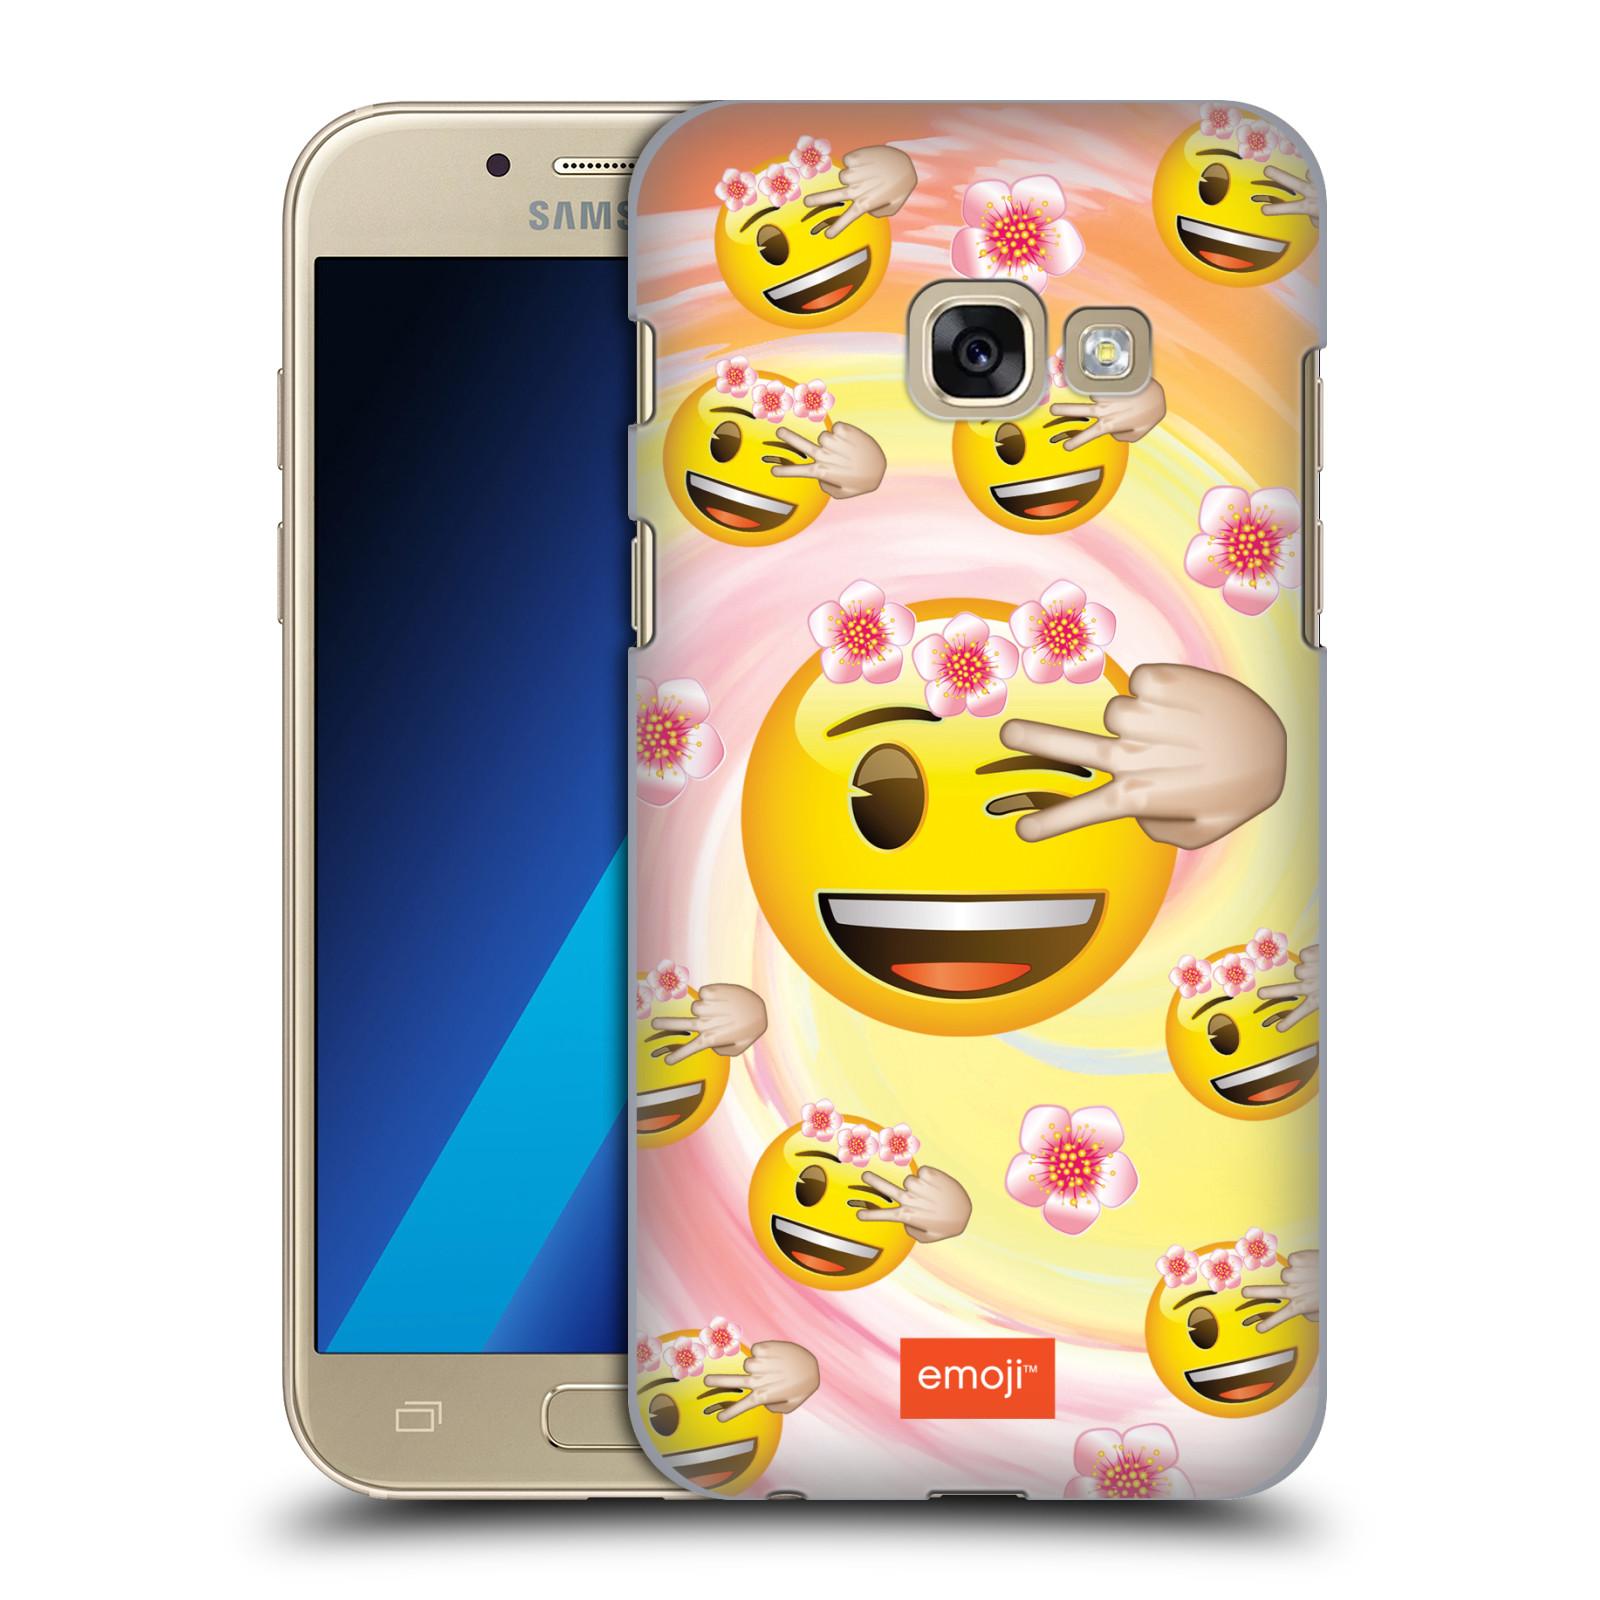 Plastové pouzdro na mobil Samsung Galaxy A3 (2017) HEAD CASE EMOJI - Mrkající smajlíci a kytičky